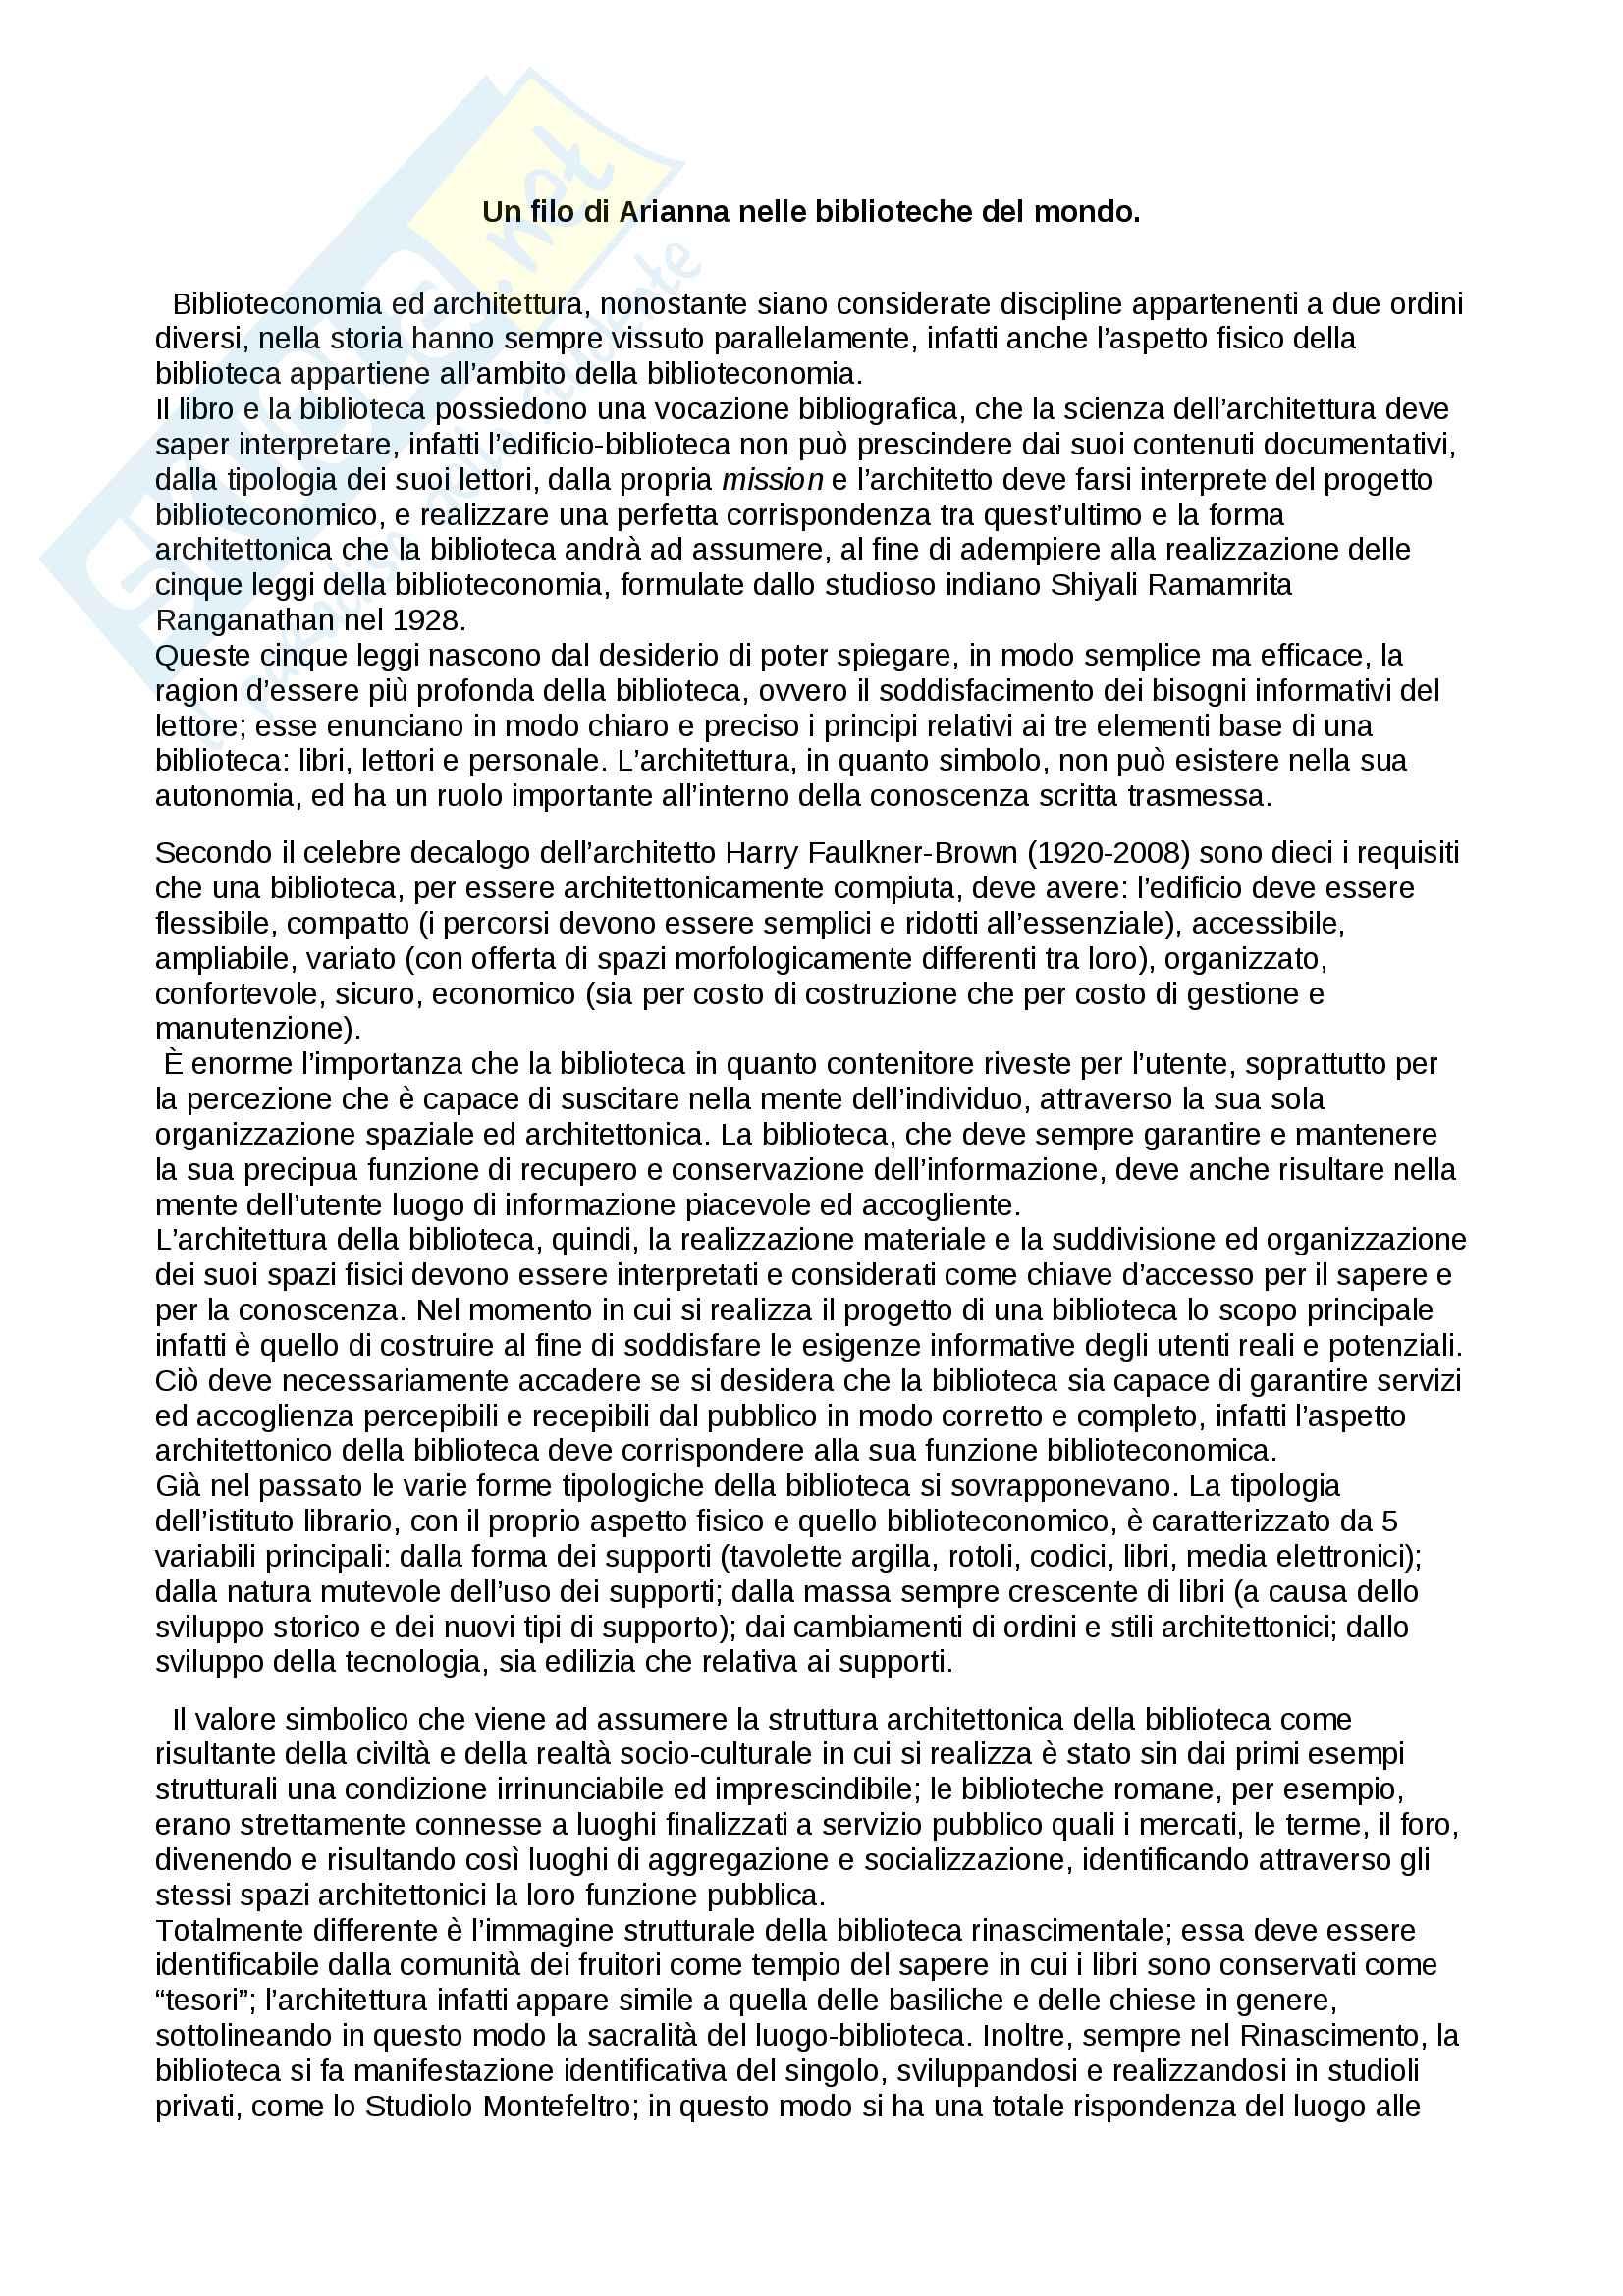 Tesina Biblioteconomia - Storia dell'architettura delle biblioteche